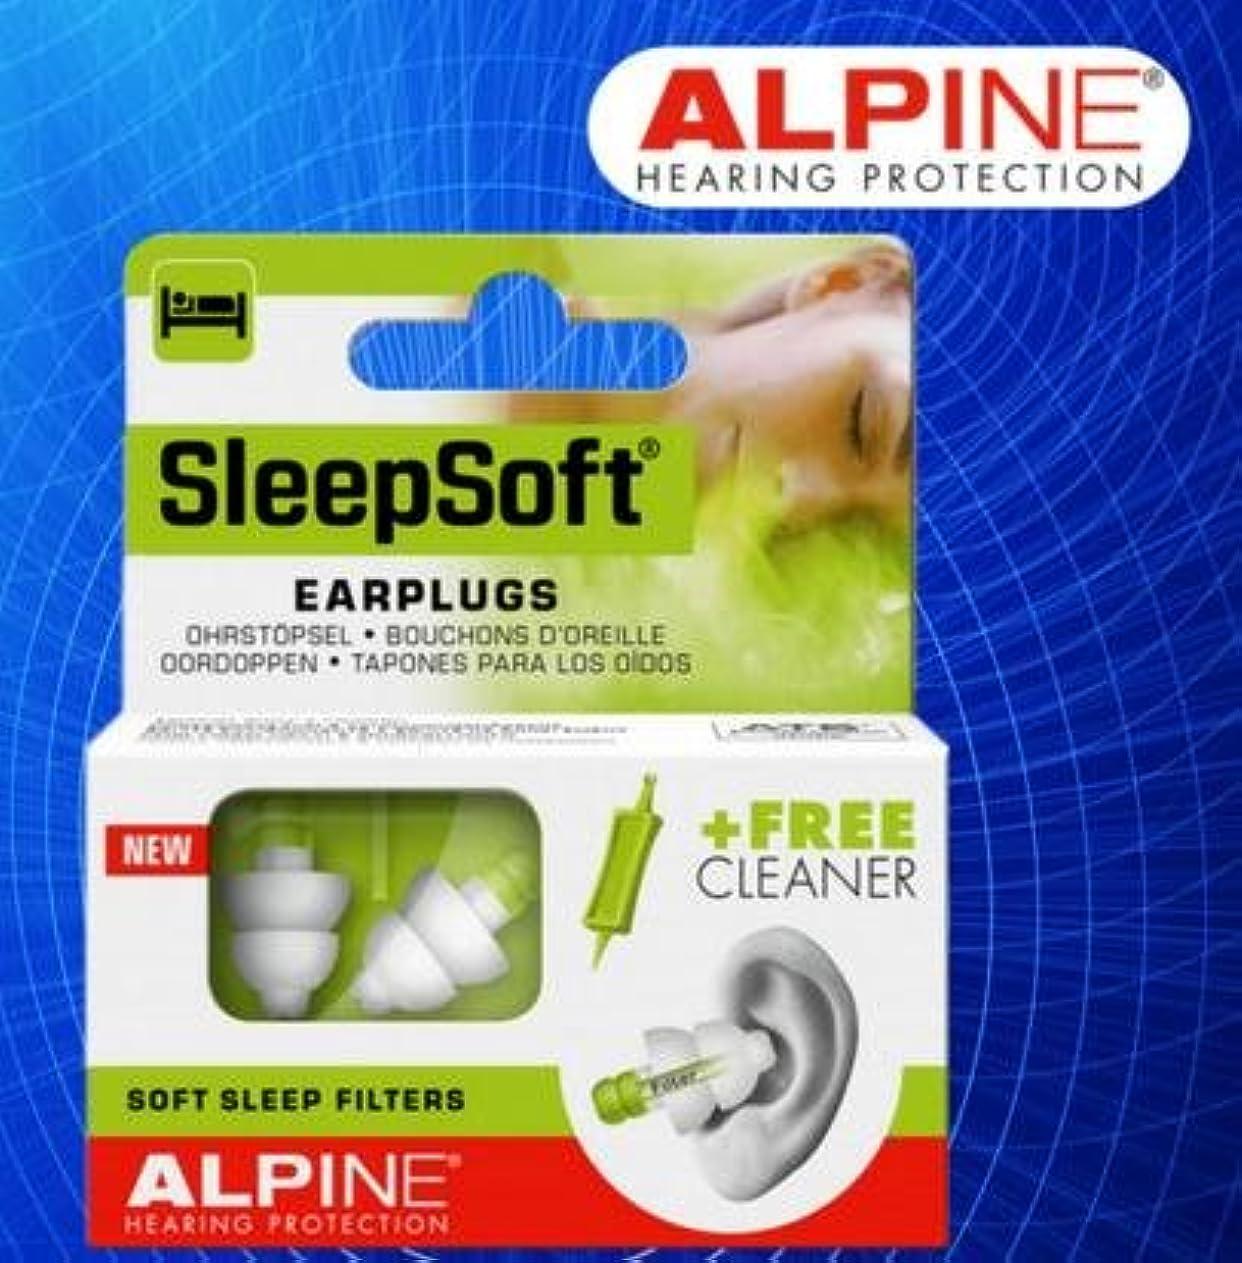 賄賂閉じ込める尊厳NOTE 高山Sleepsoft旅行睡眠耳栓アンチいびき耳栓アンチノイズ水泳耳栓